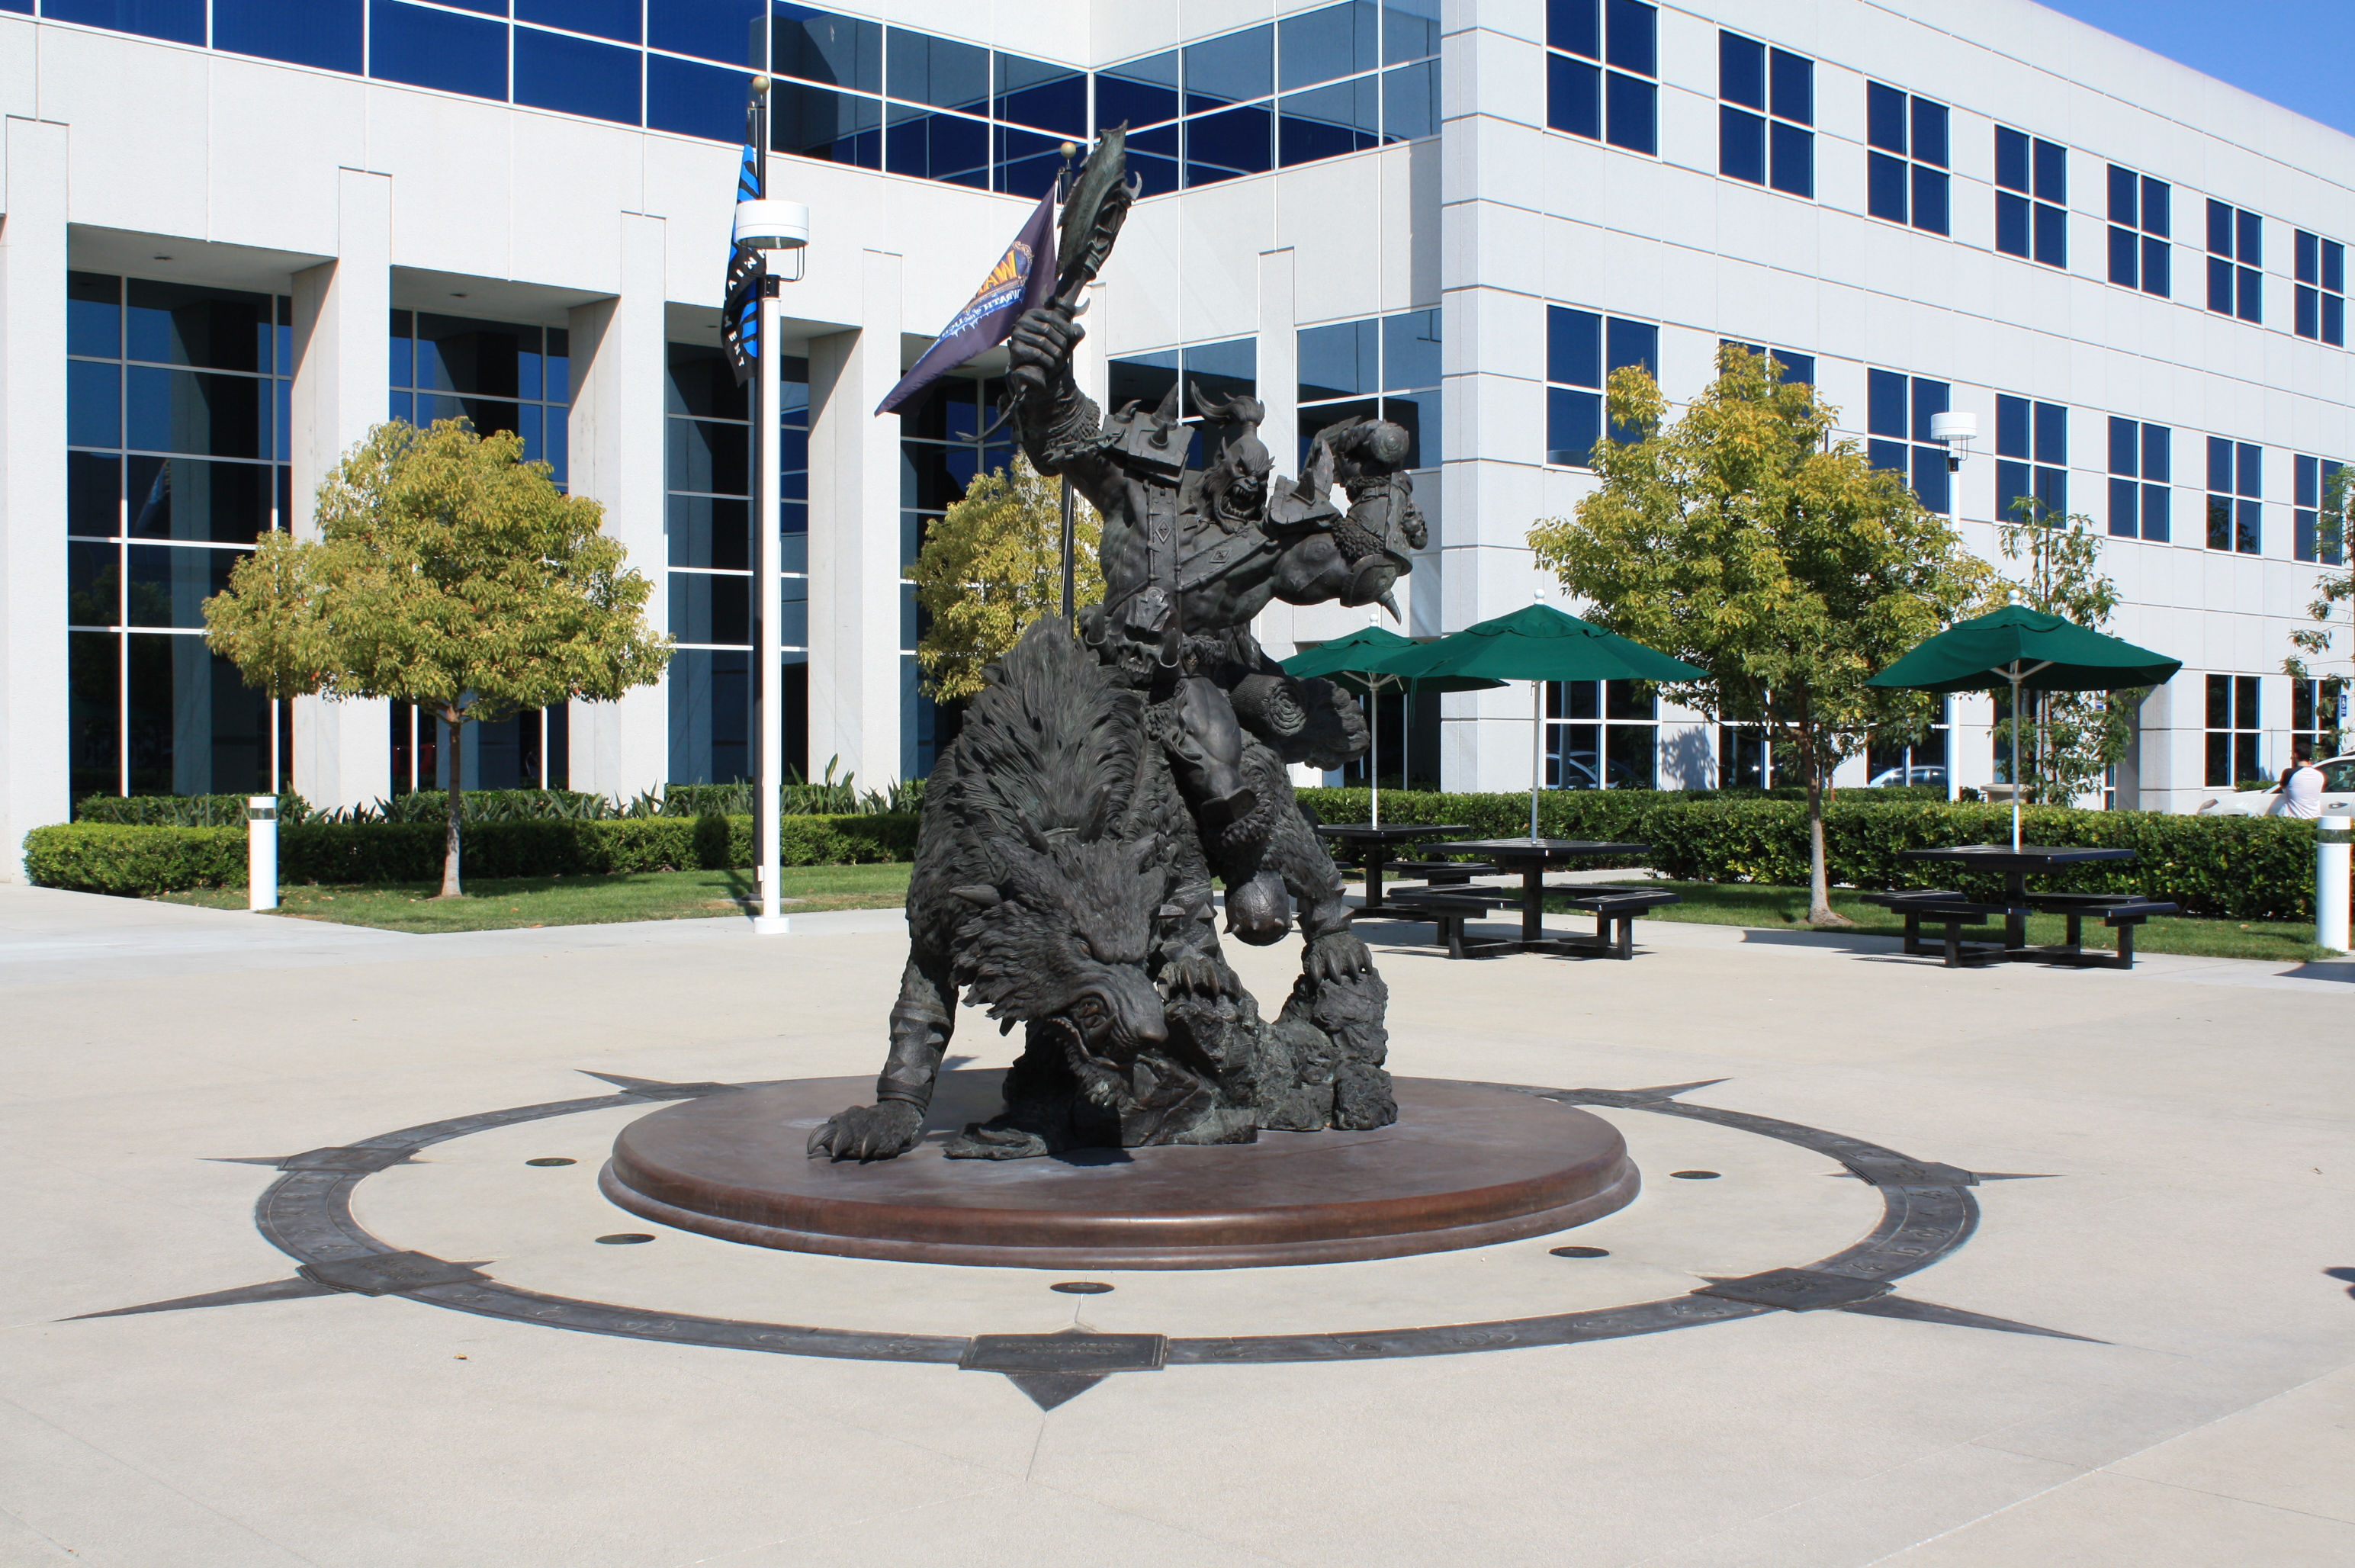 Photo de la statue Orc située au centre du campus Blizzard.